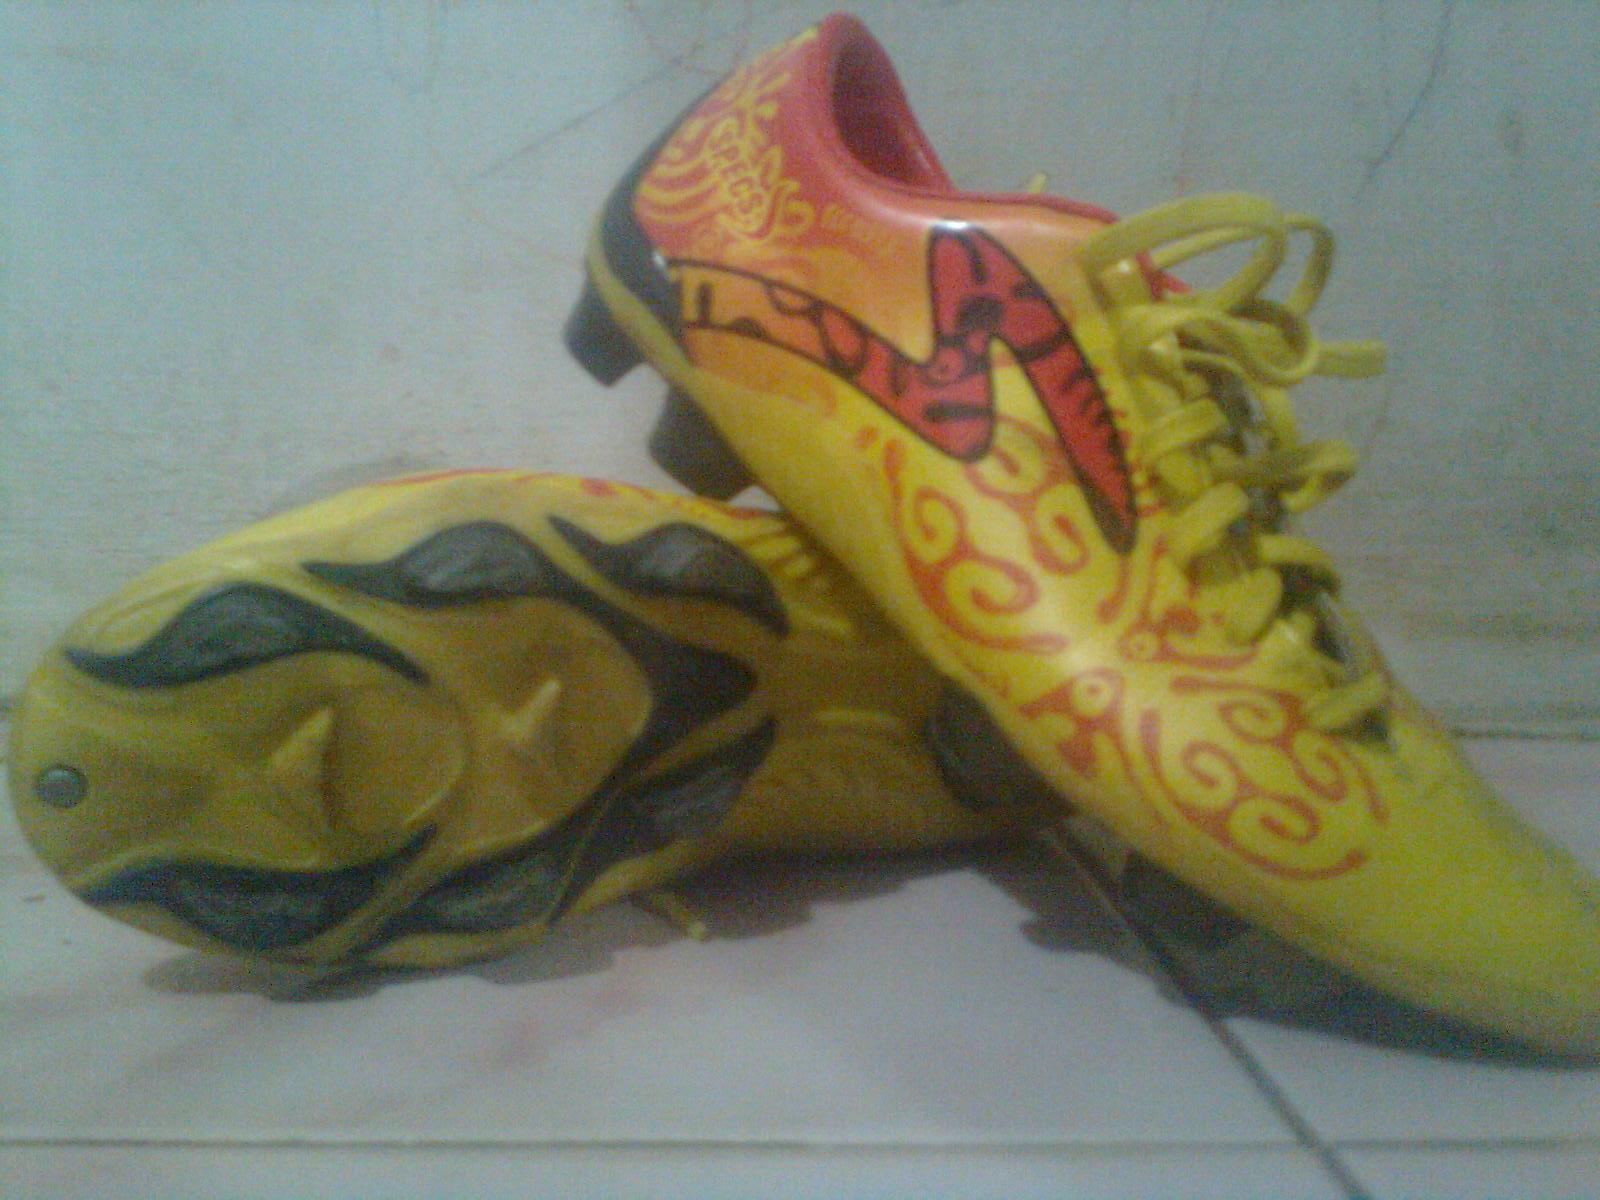 Jual Sepatu Bola Online (Bimo Bintang): sepatu specs batik